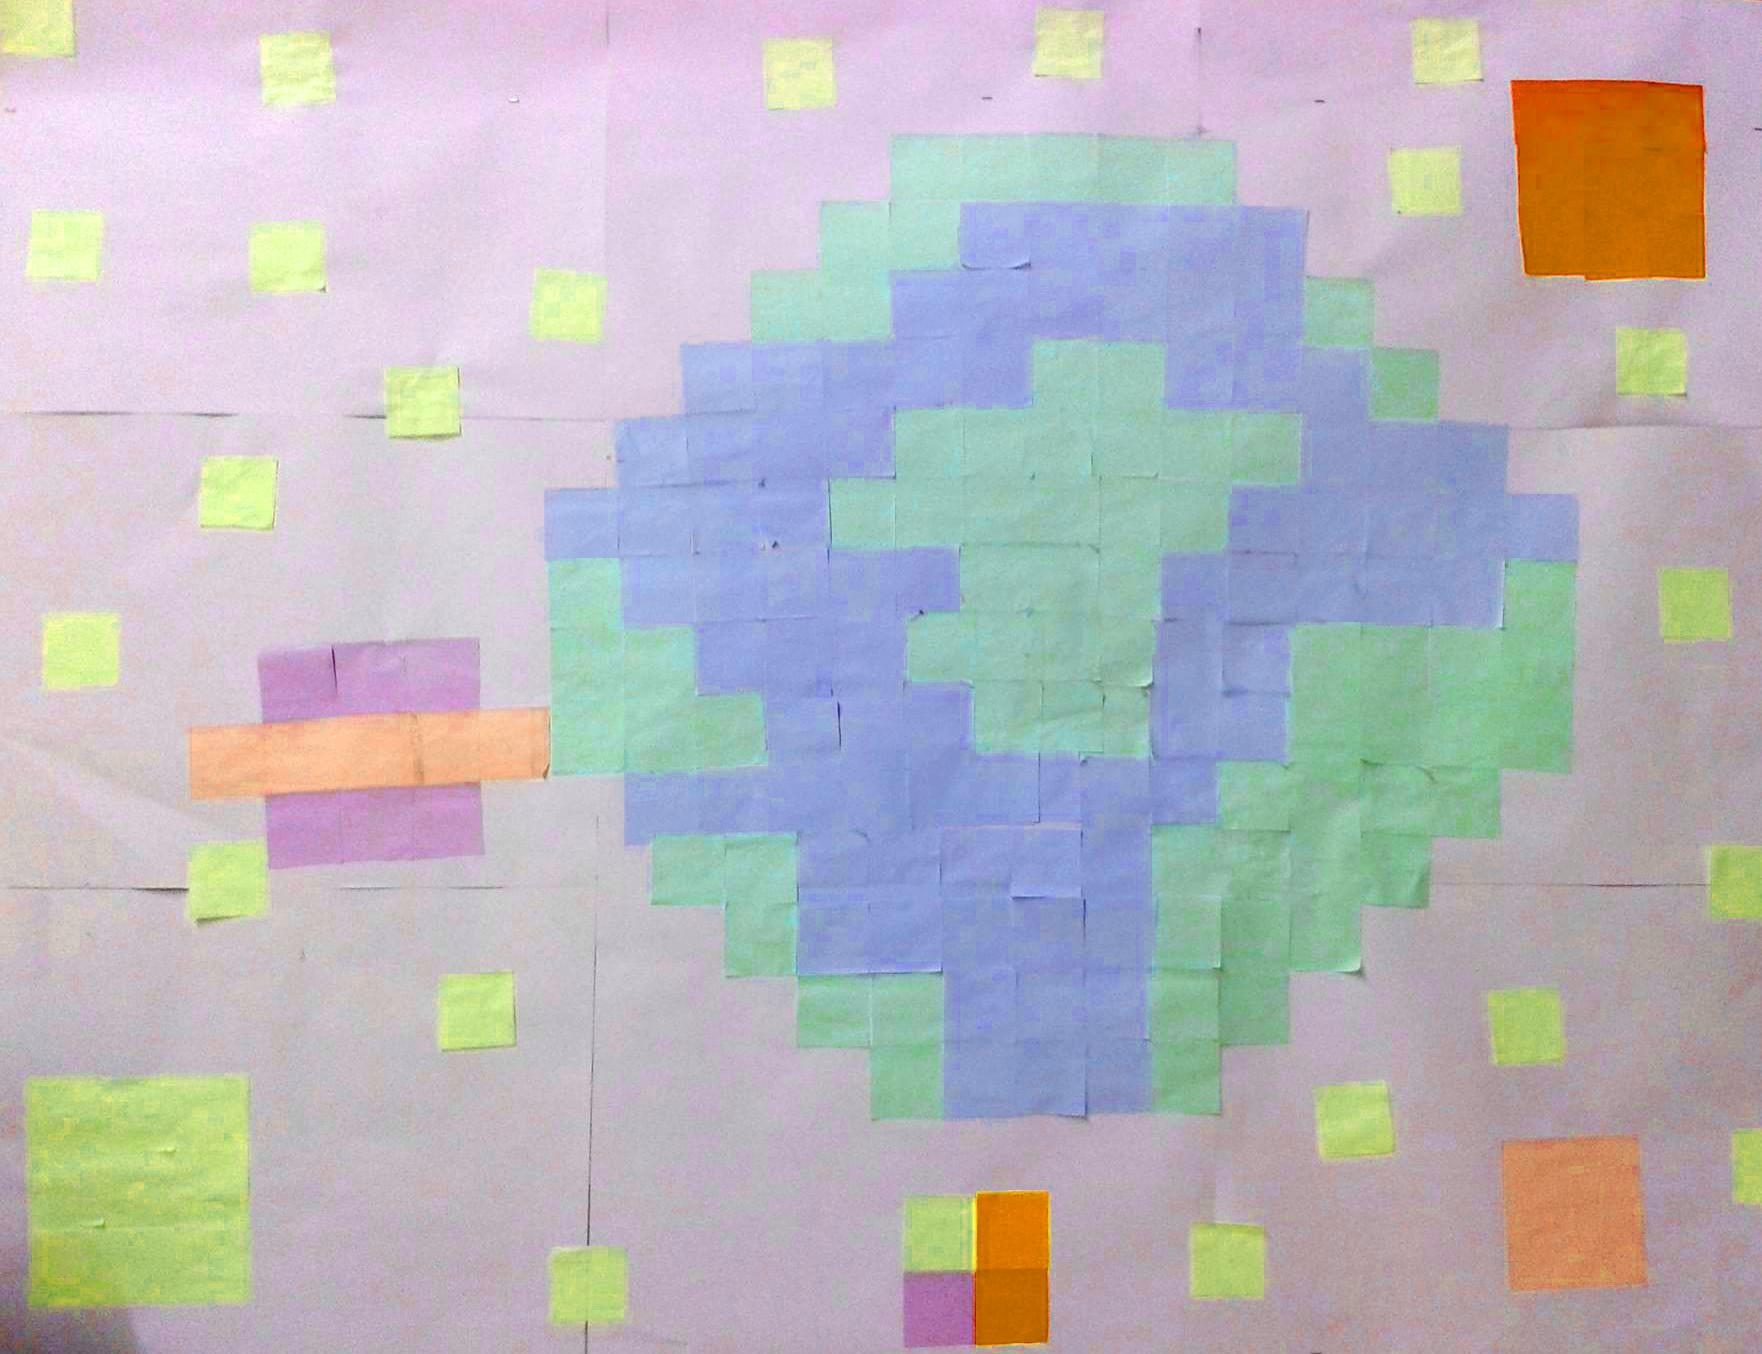 terre-pixel-art